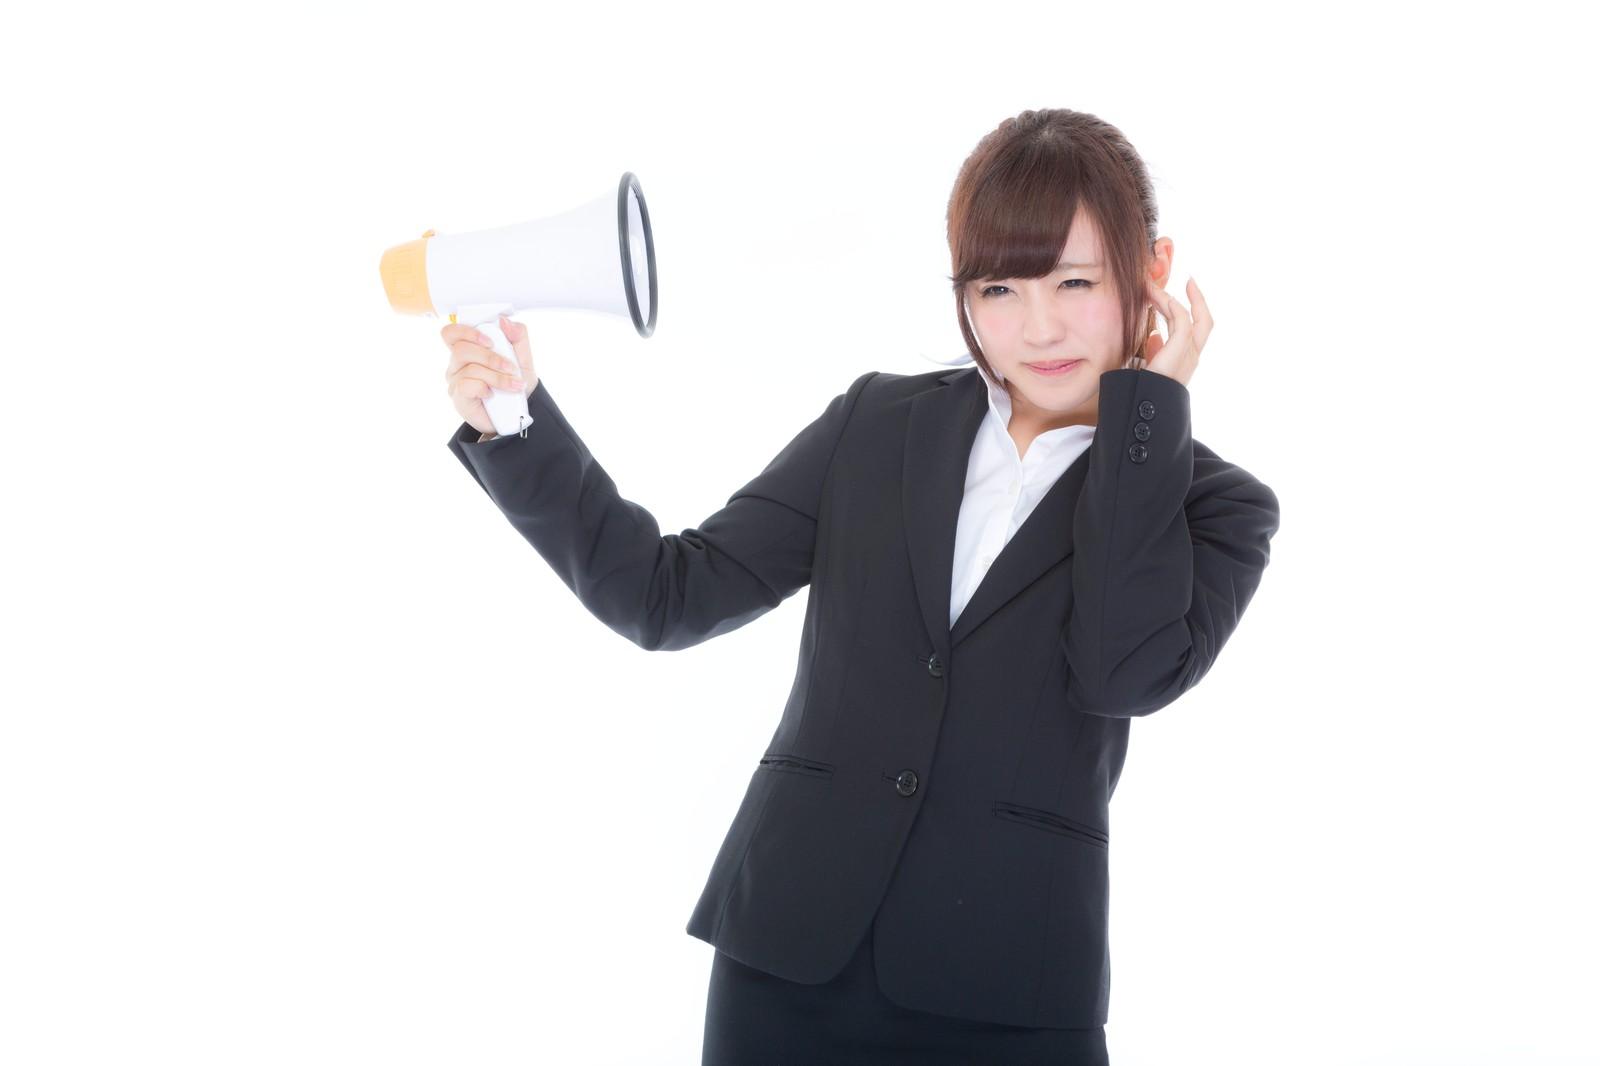 部屋の壁が薄くて隣の音が聞こえる!賃貸でもできる簡単防音対策をご紹介